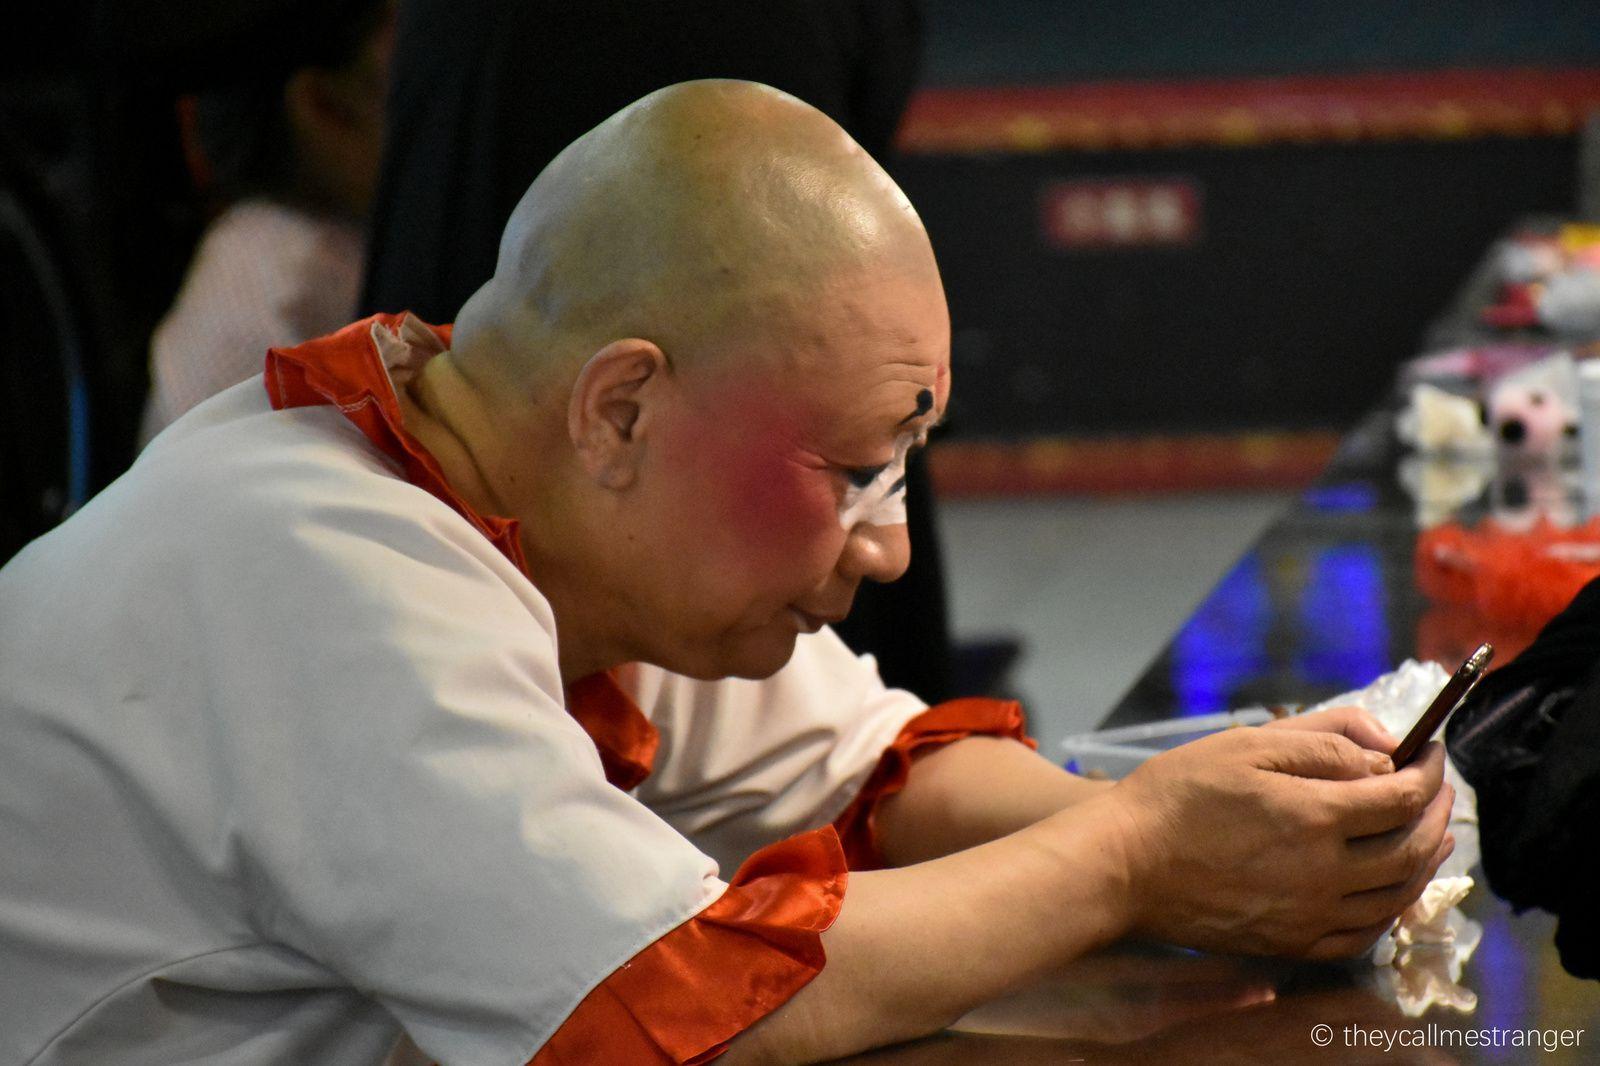 Chengdu 成都 : La maison de thé Shufengyayun 蜀风雅韵 et les coulisses de l'opéra du Sichuan